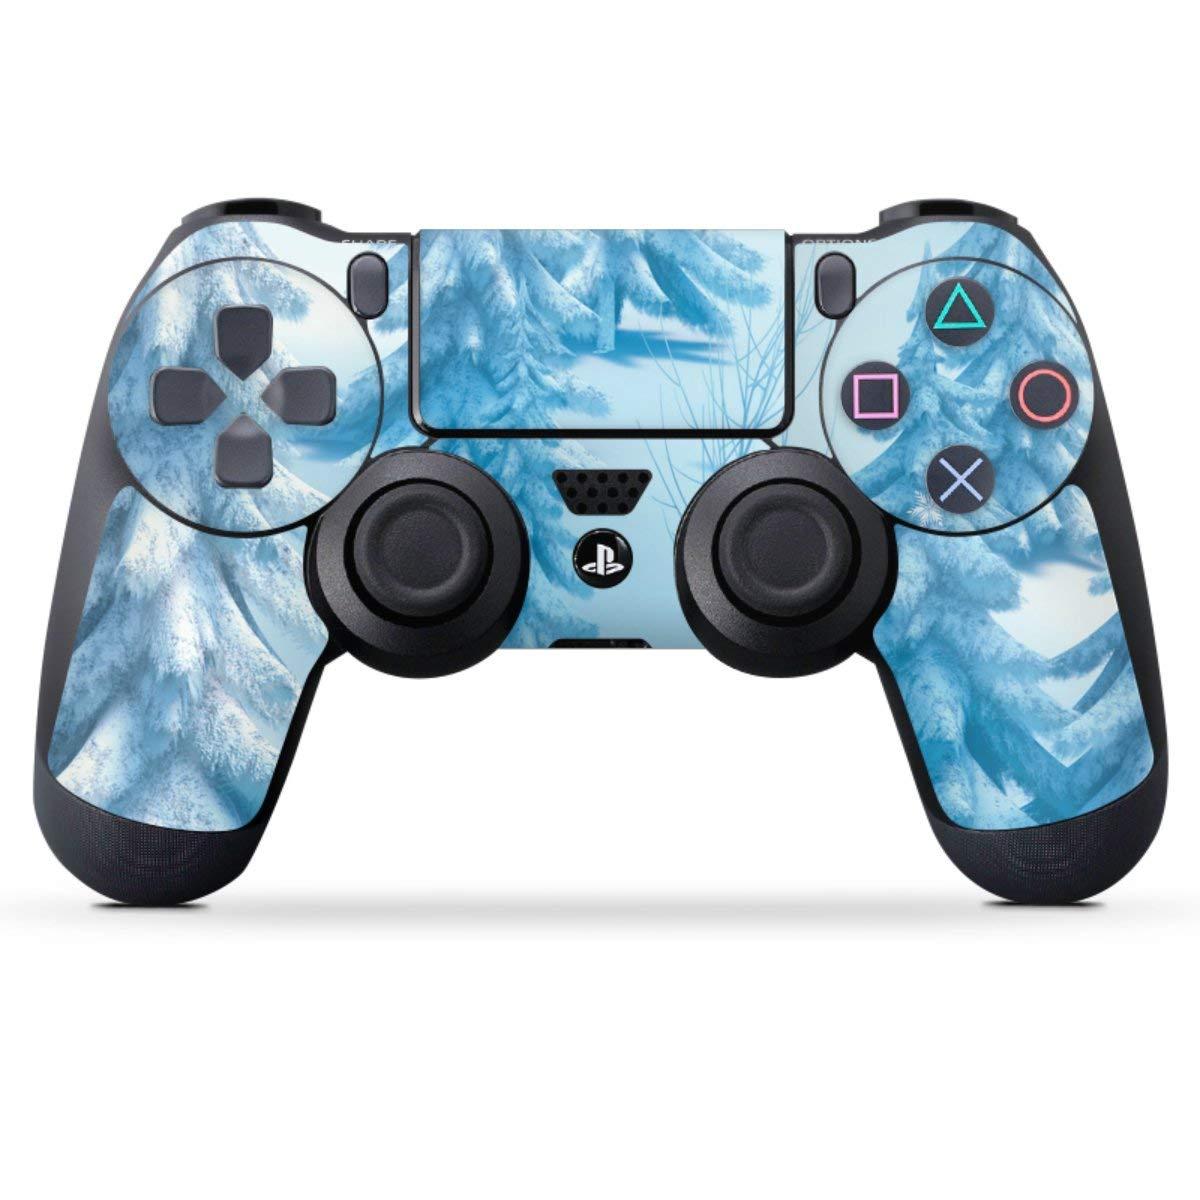 Pegatina para mando de Sony Playstation 4 PS4, diseño de Frozen de Disney: Amazon.es: Electrónica